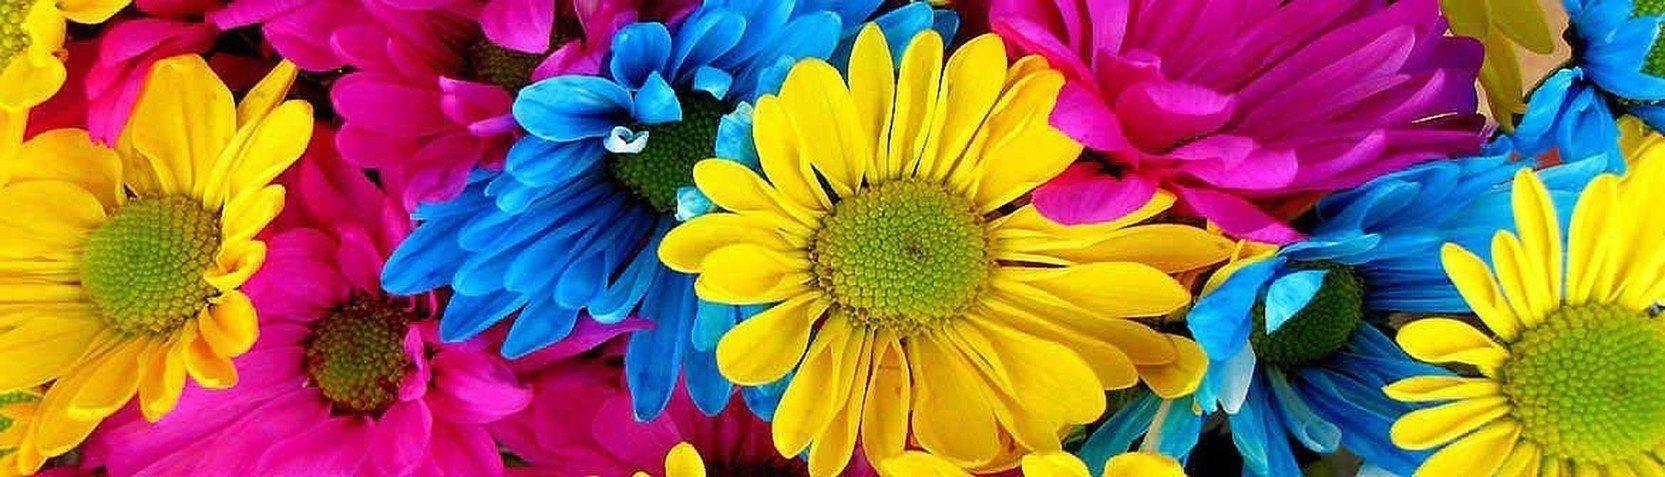 Colecciones - Flores y botánica